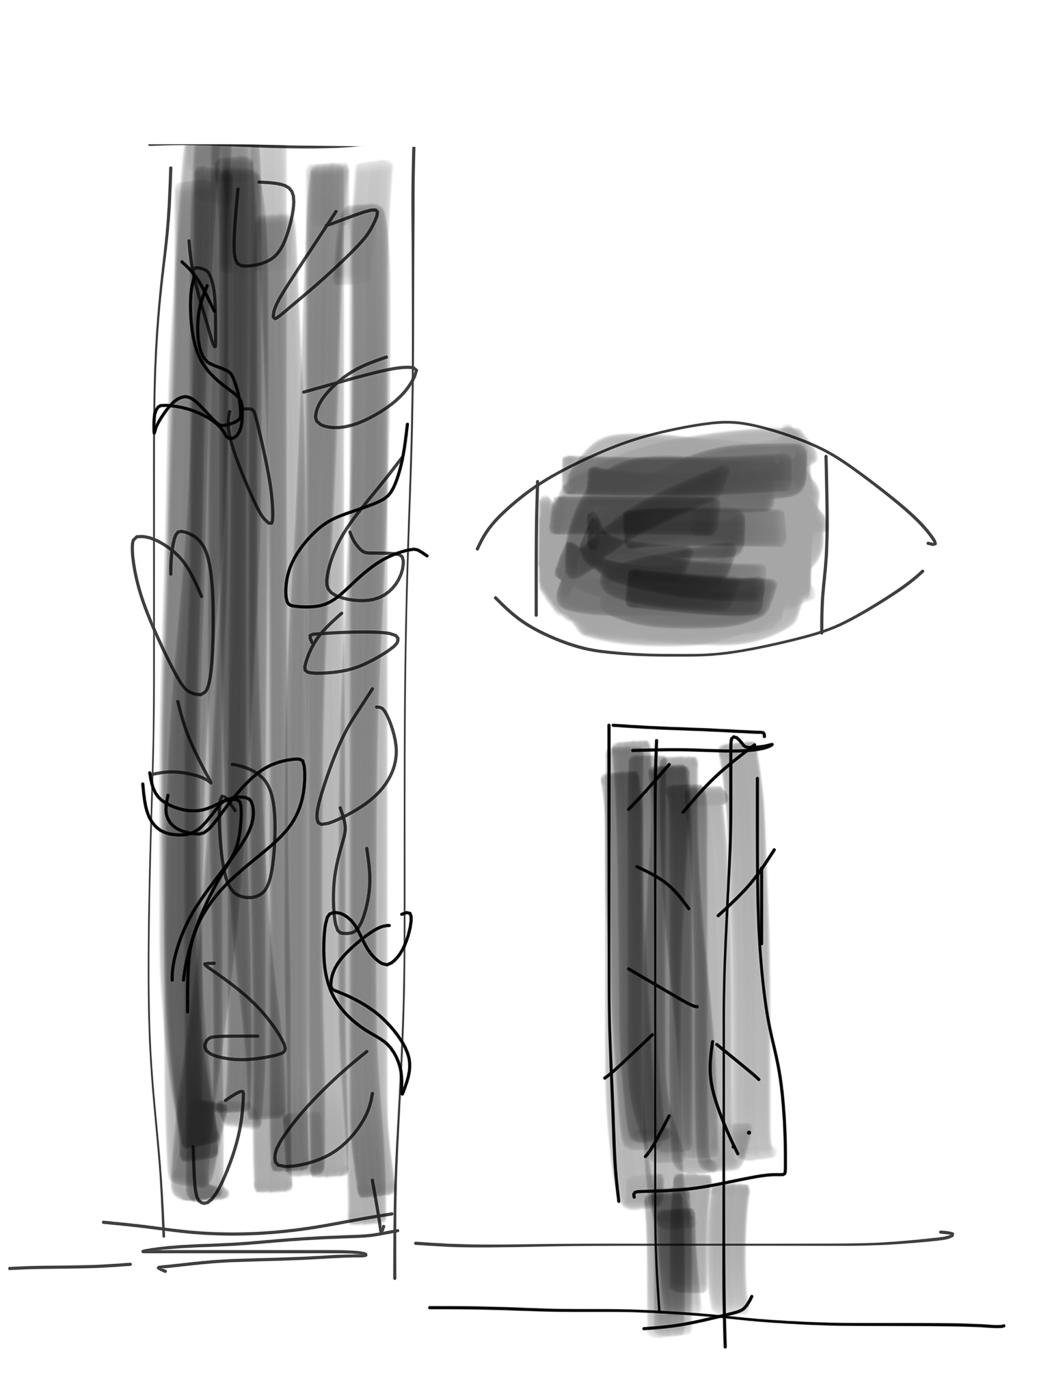 Sketch-498.jpg